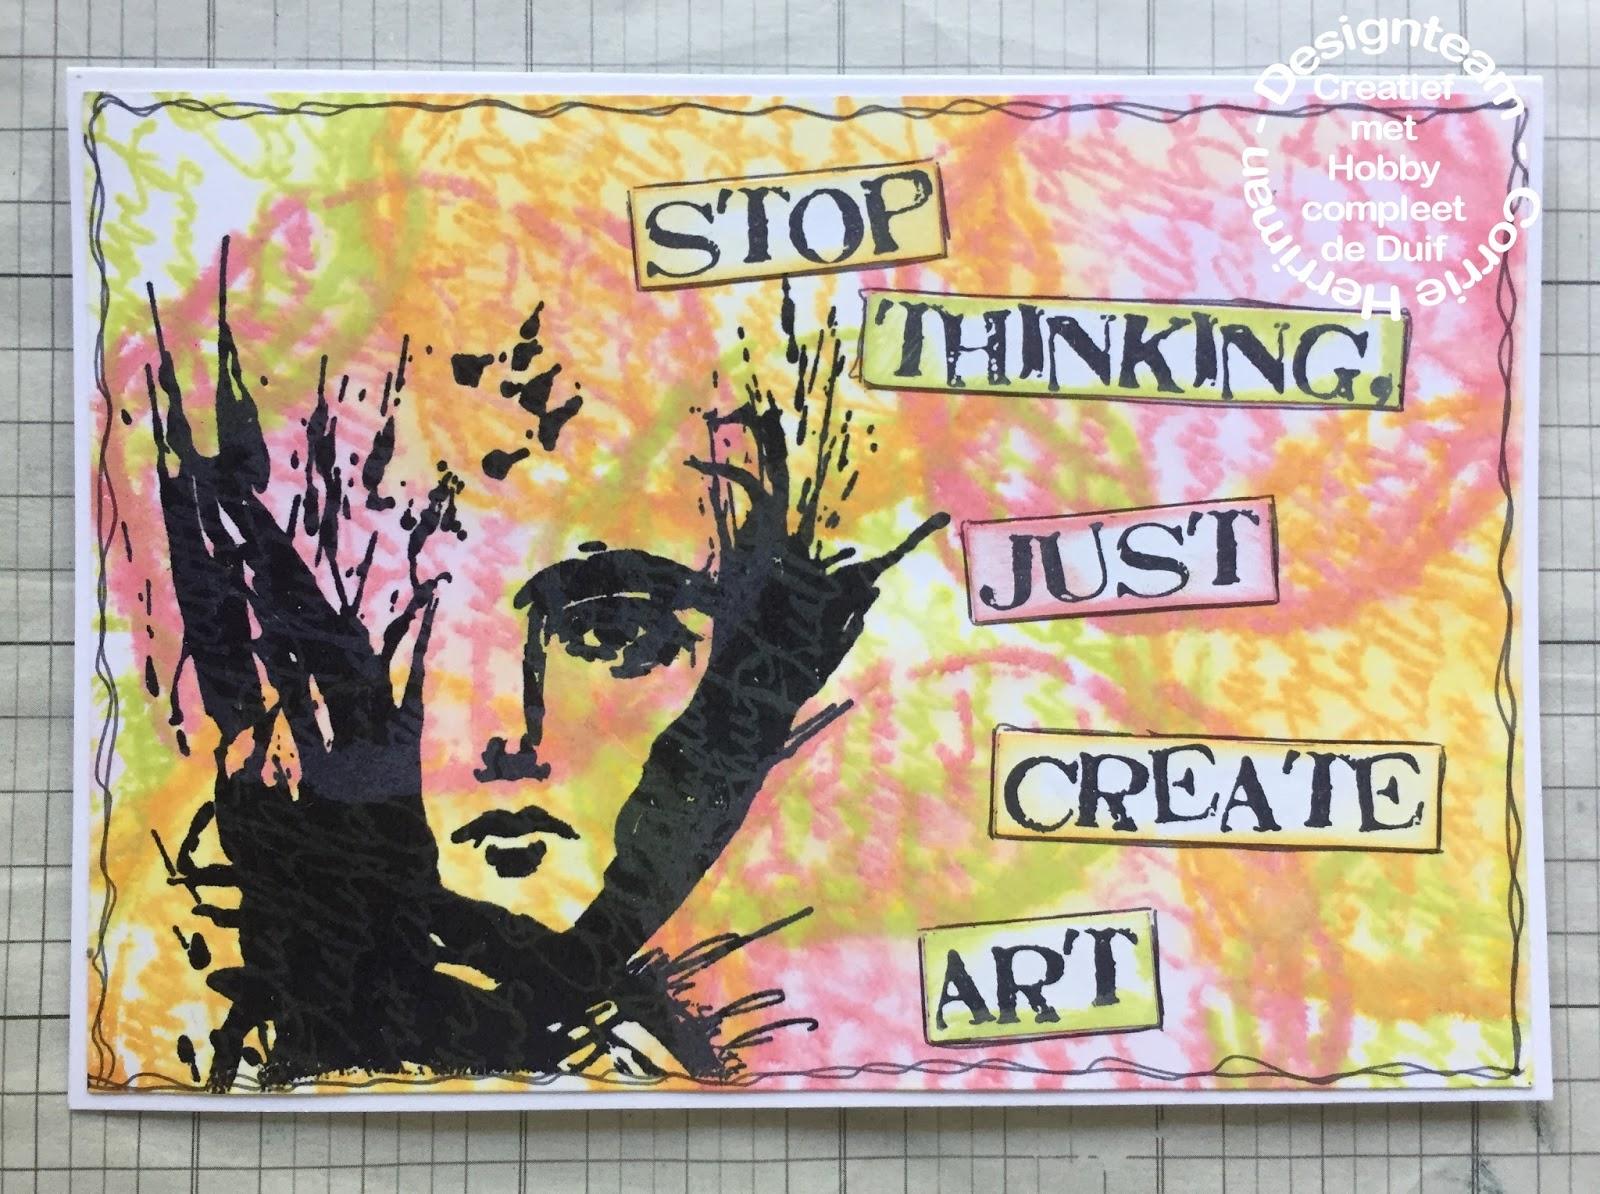 Hobbycompleet De Duif.Madebychook Stop Thinking Just Create Art